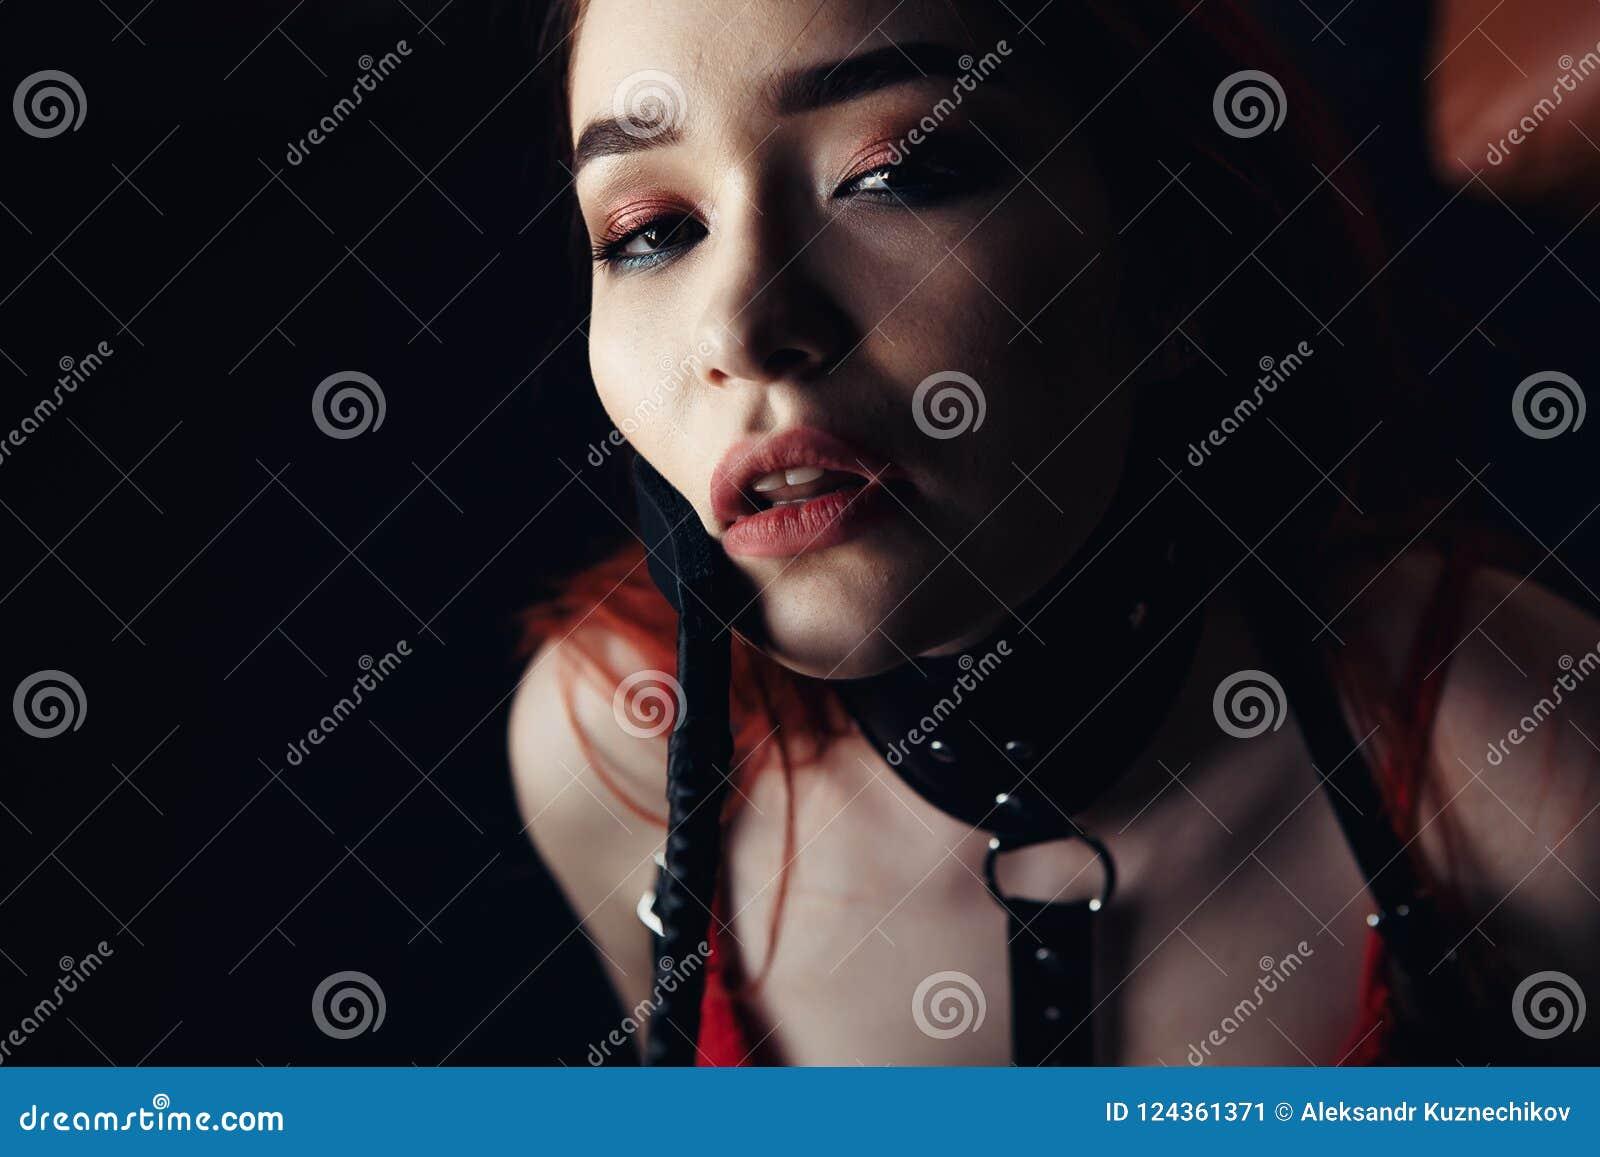 Woman Bdsm slave